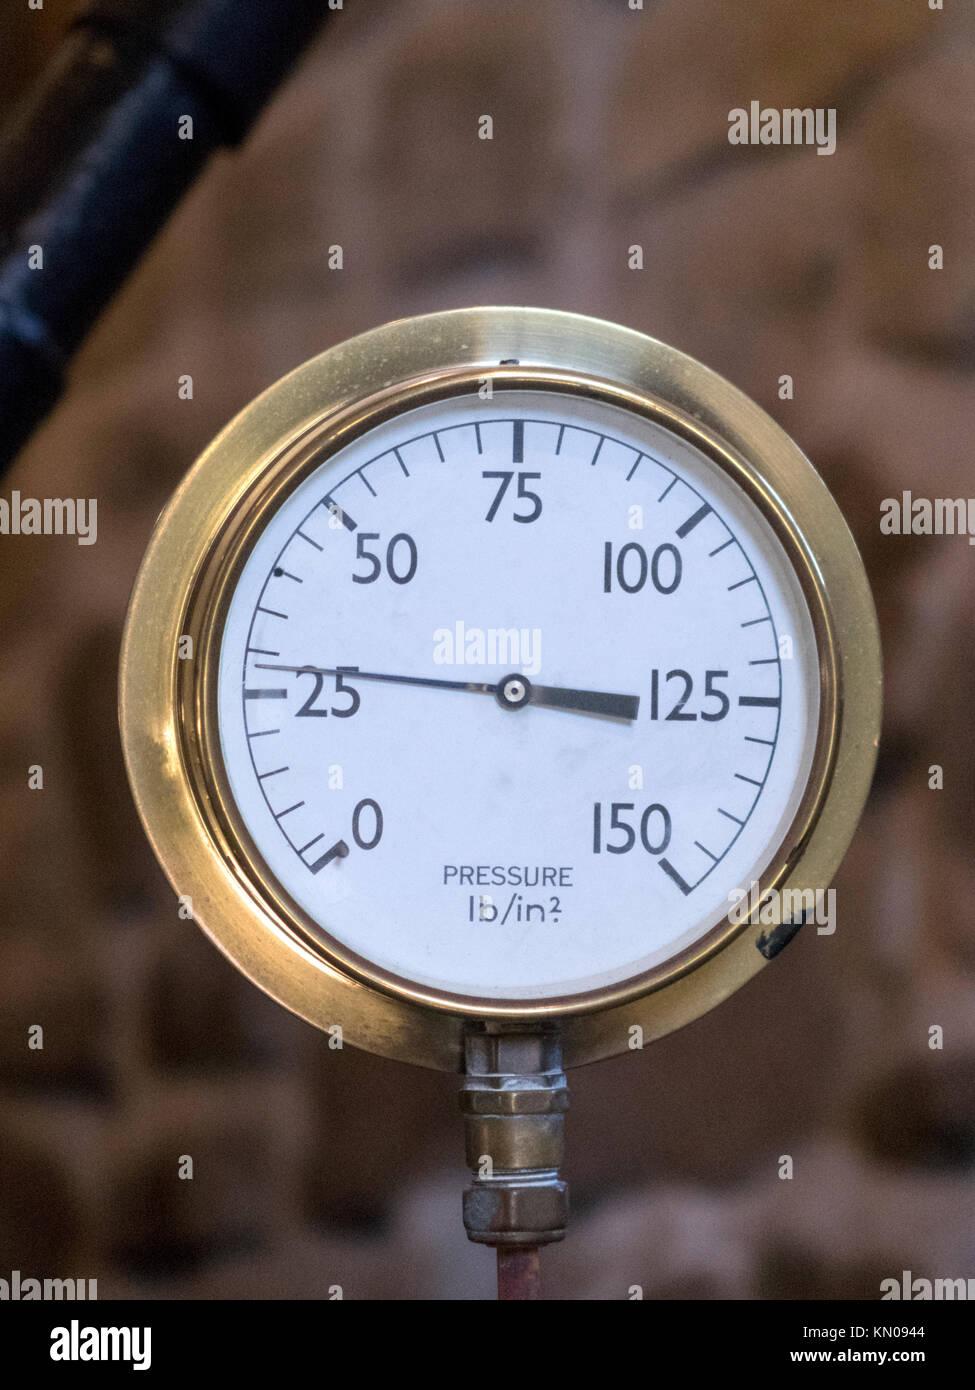 Brass Industrial Steam Pressure Gauge in Imperial Measurements - Stock Image